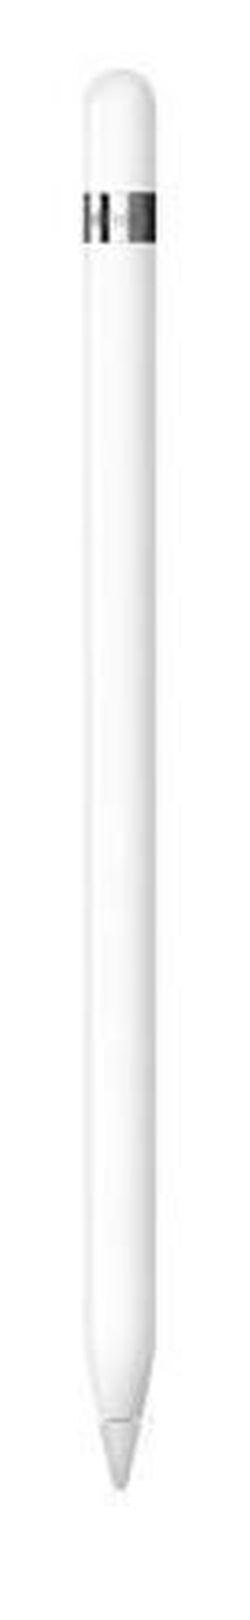 cumpără Accesoriu pentru aparat mobil Apple iPad Pro Pencil v1 White (MK0C2) în Chișinău